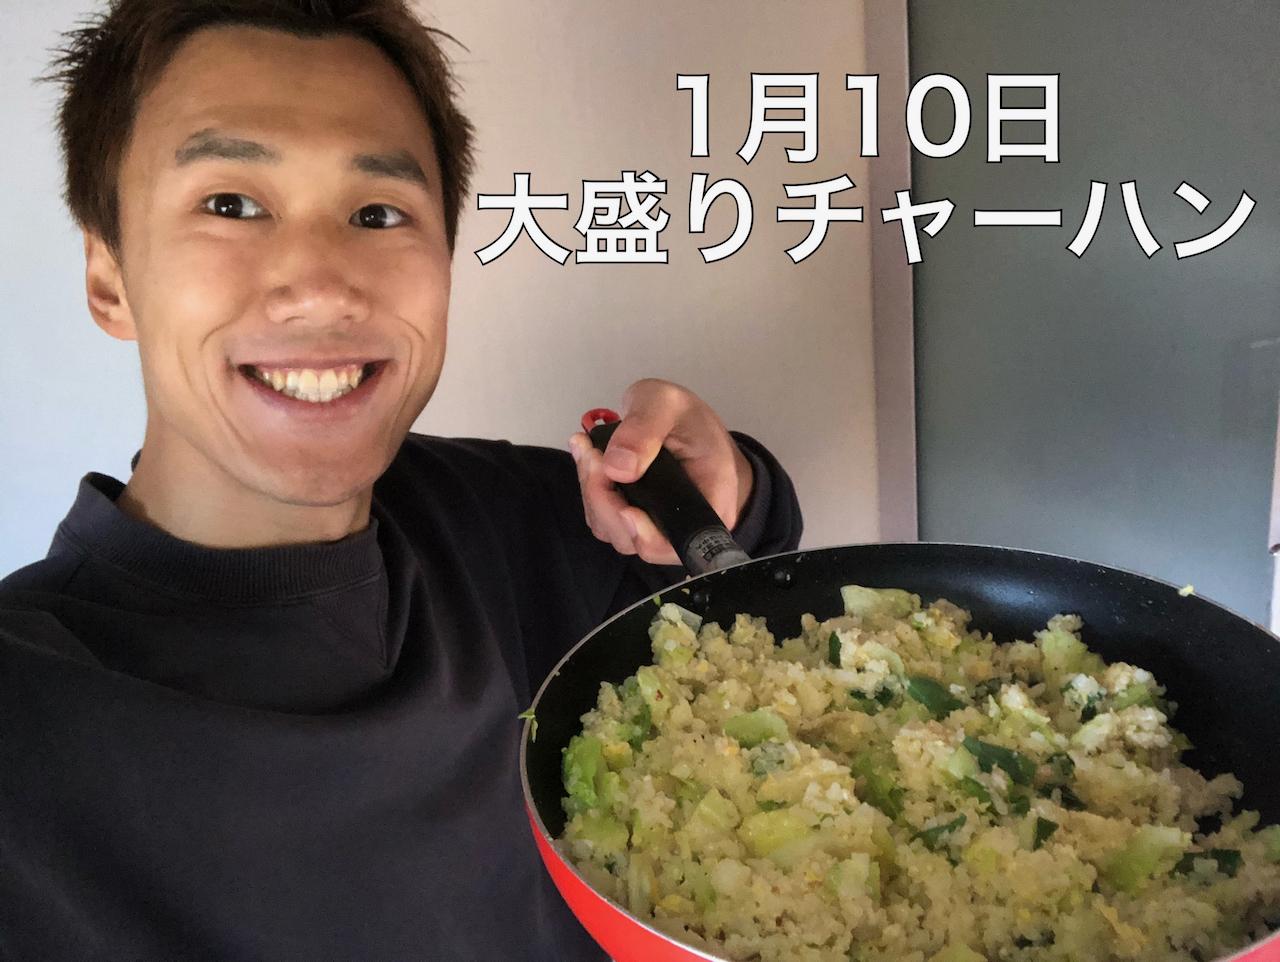 おさんぽDOBYプロジェクト2021年1月10日「チャーハン大盛り食べて筋トレ」